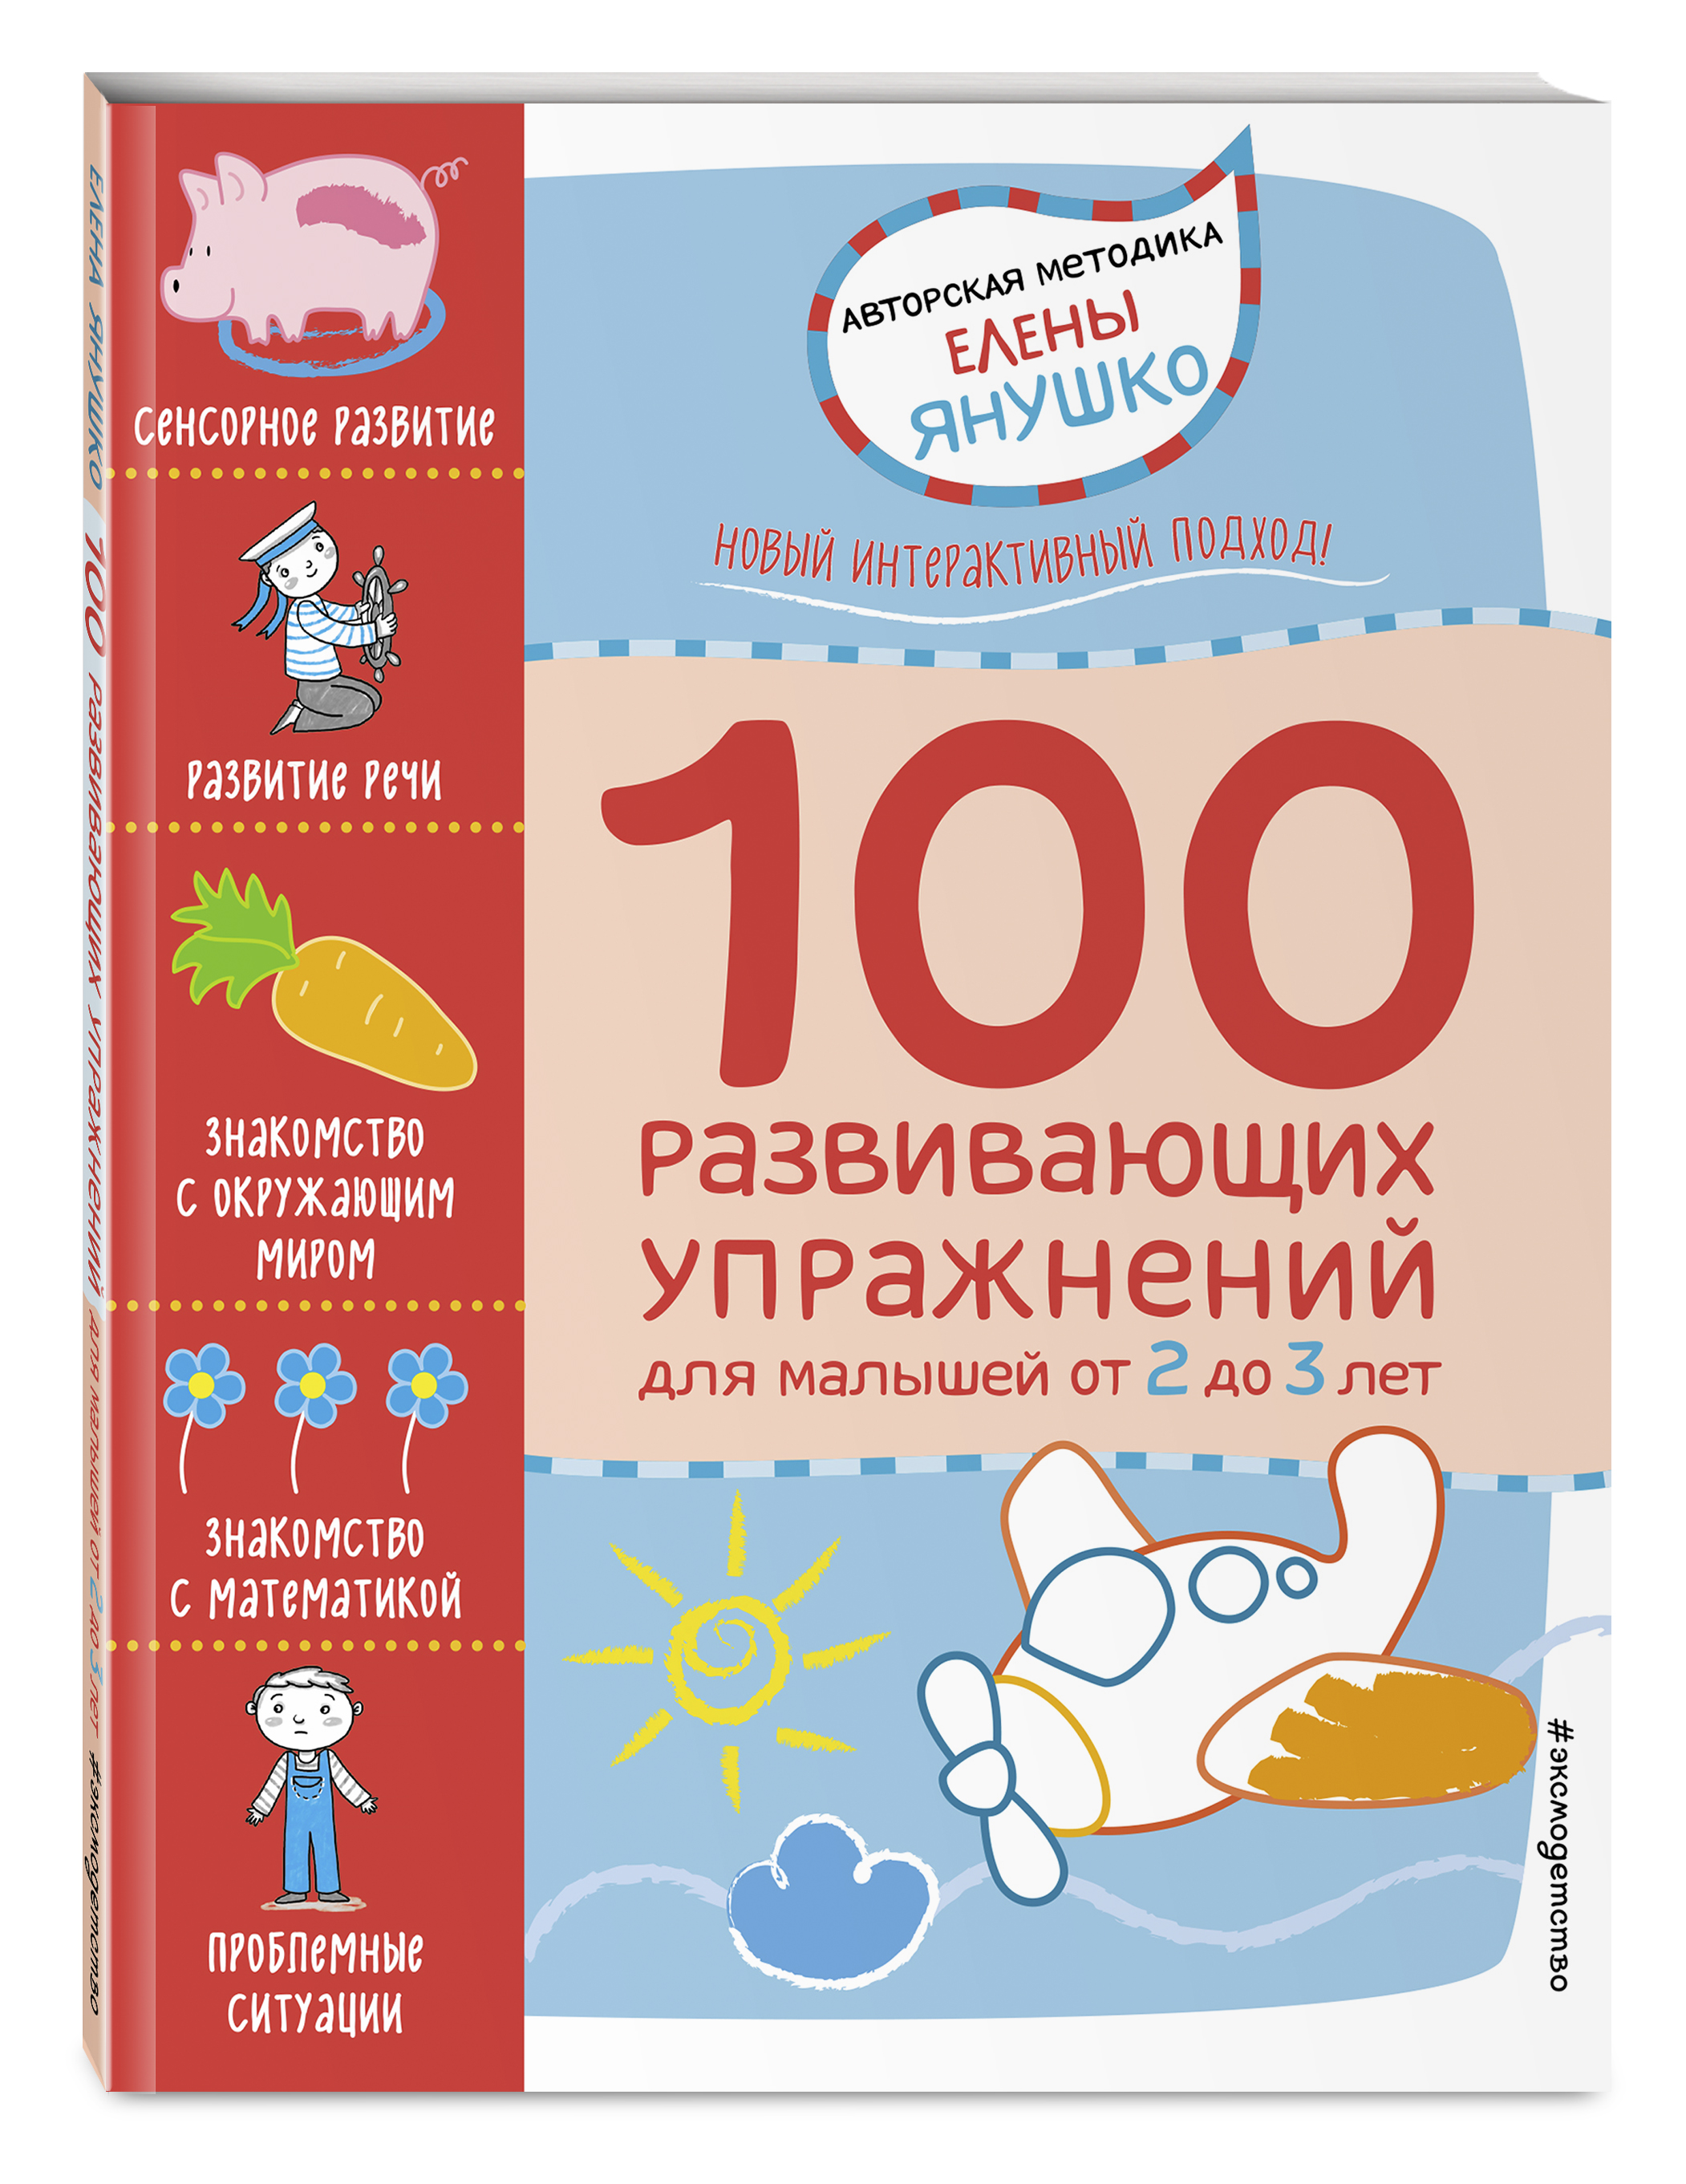 Янушко Е.А. 2+ 100 развивающих упражнений для малышей от 2 до 3 лет янушко е а 2 100 развивающих упражнений для малышей от 2 до 3 лет